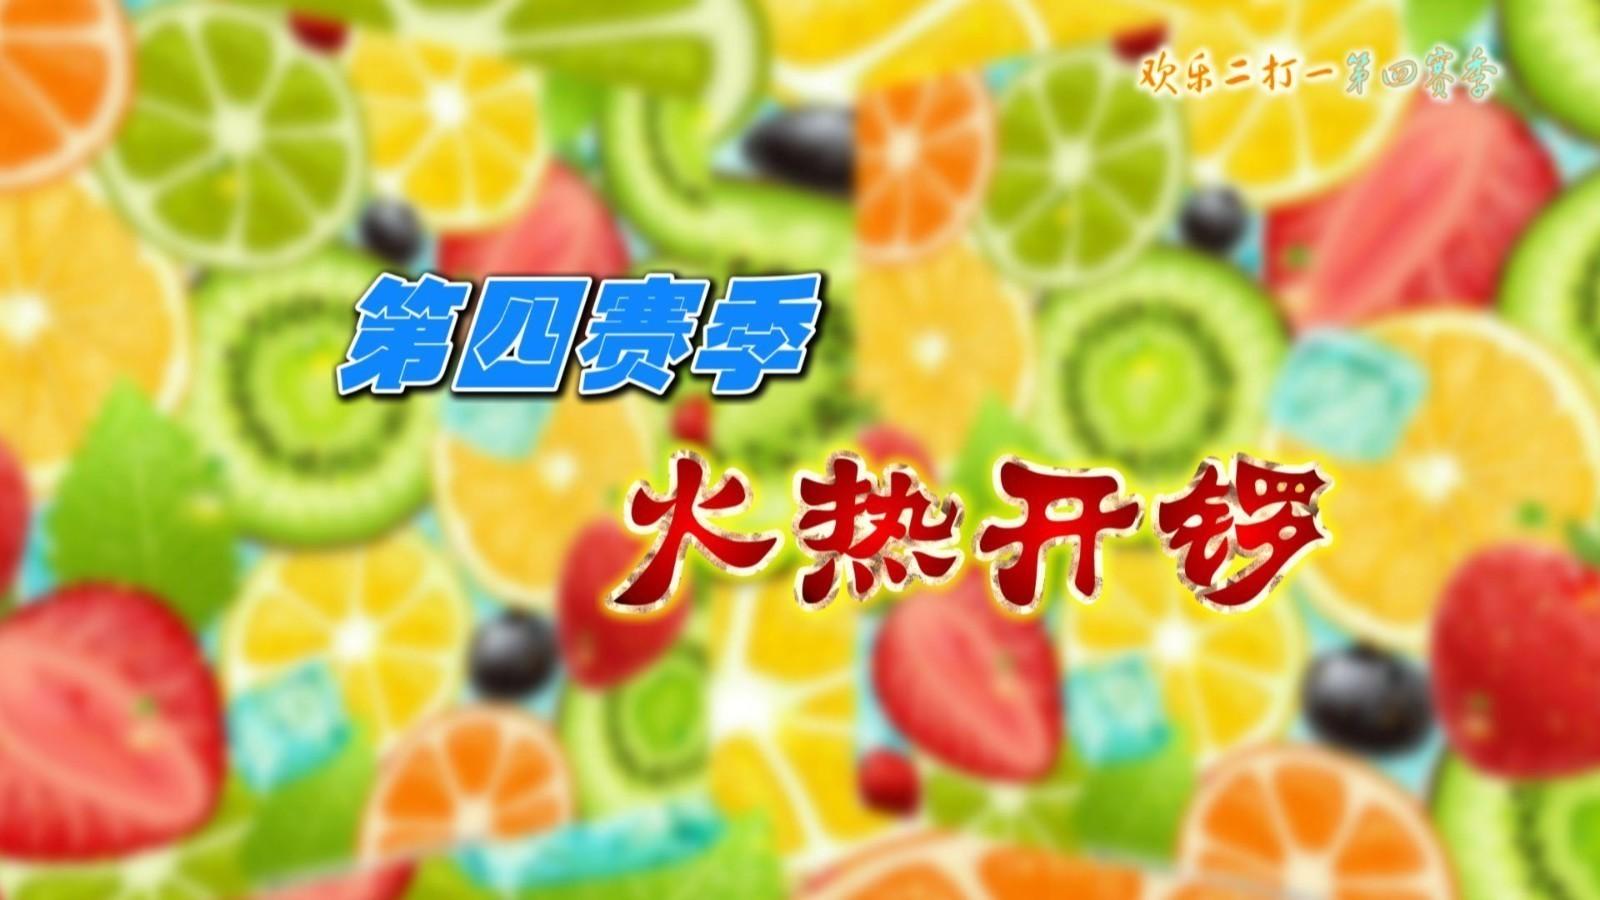 欢乐二打一第四赛季5月24日大幕拉开